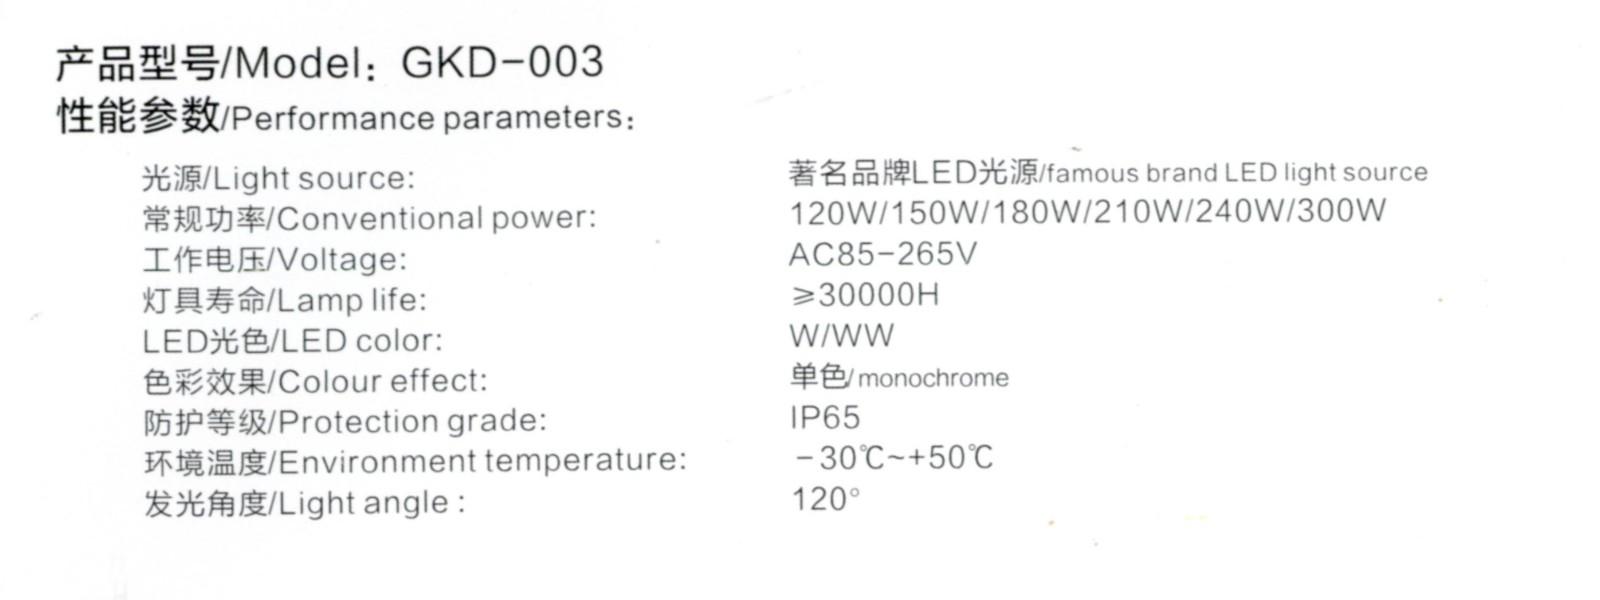 LED工矿灯Model∶GKD-003参数.jpg